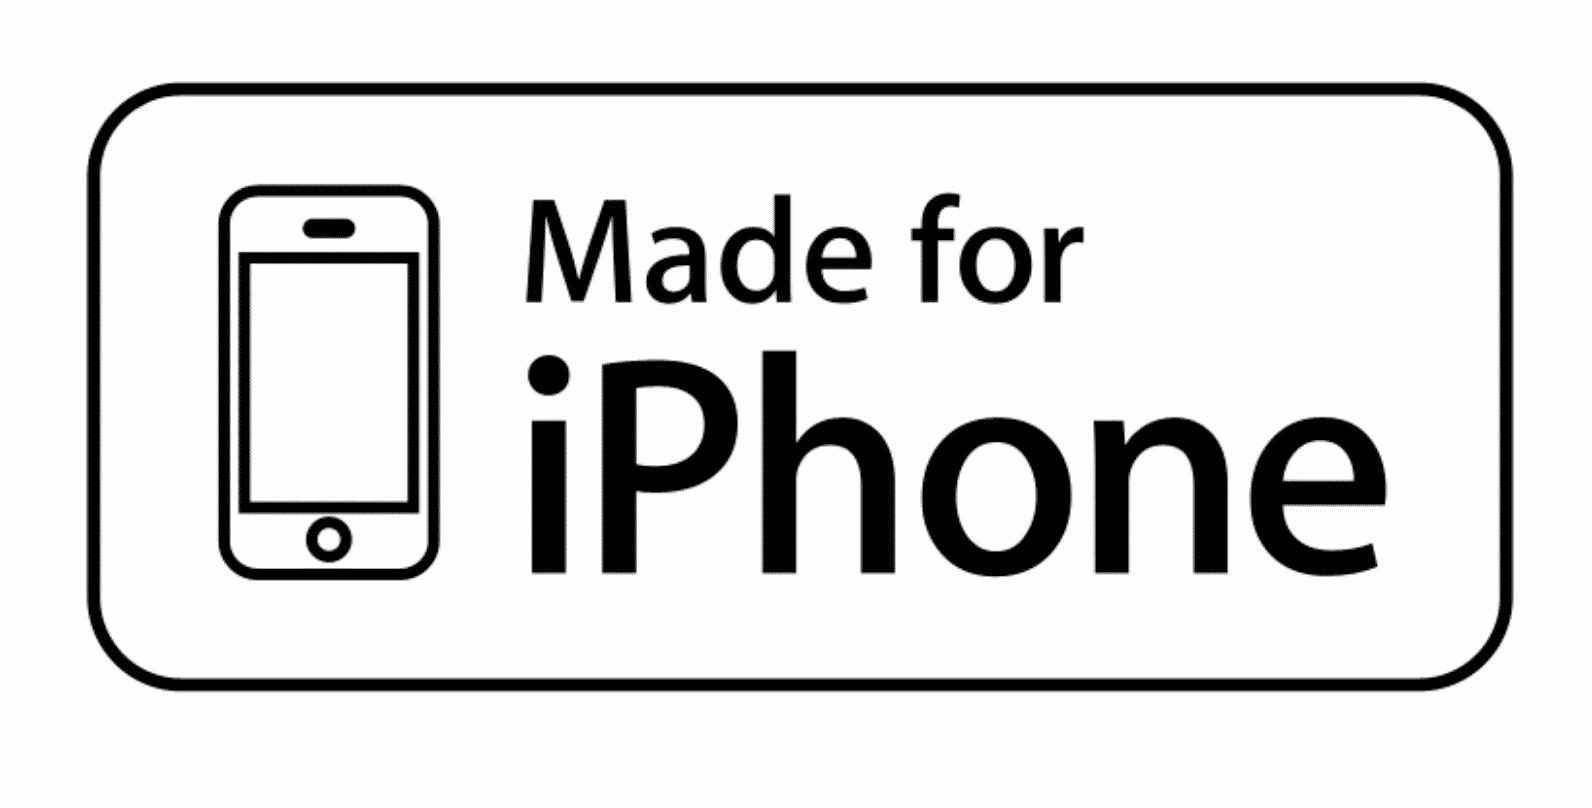 Accessoire-Hersteller, die Teil von Apples MFi-Programm sind, dürfen ihre Produkte mit einem entsprechenden Logo kennzeichnen.